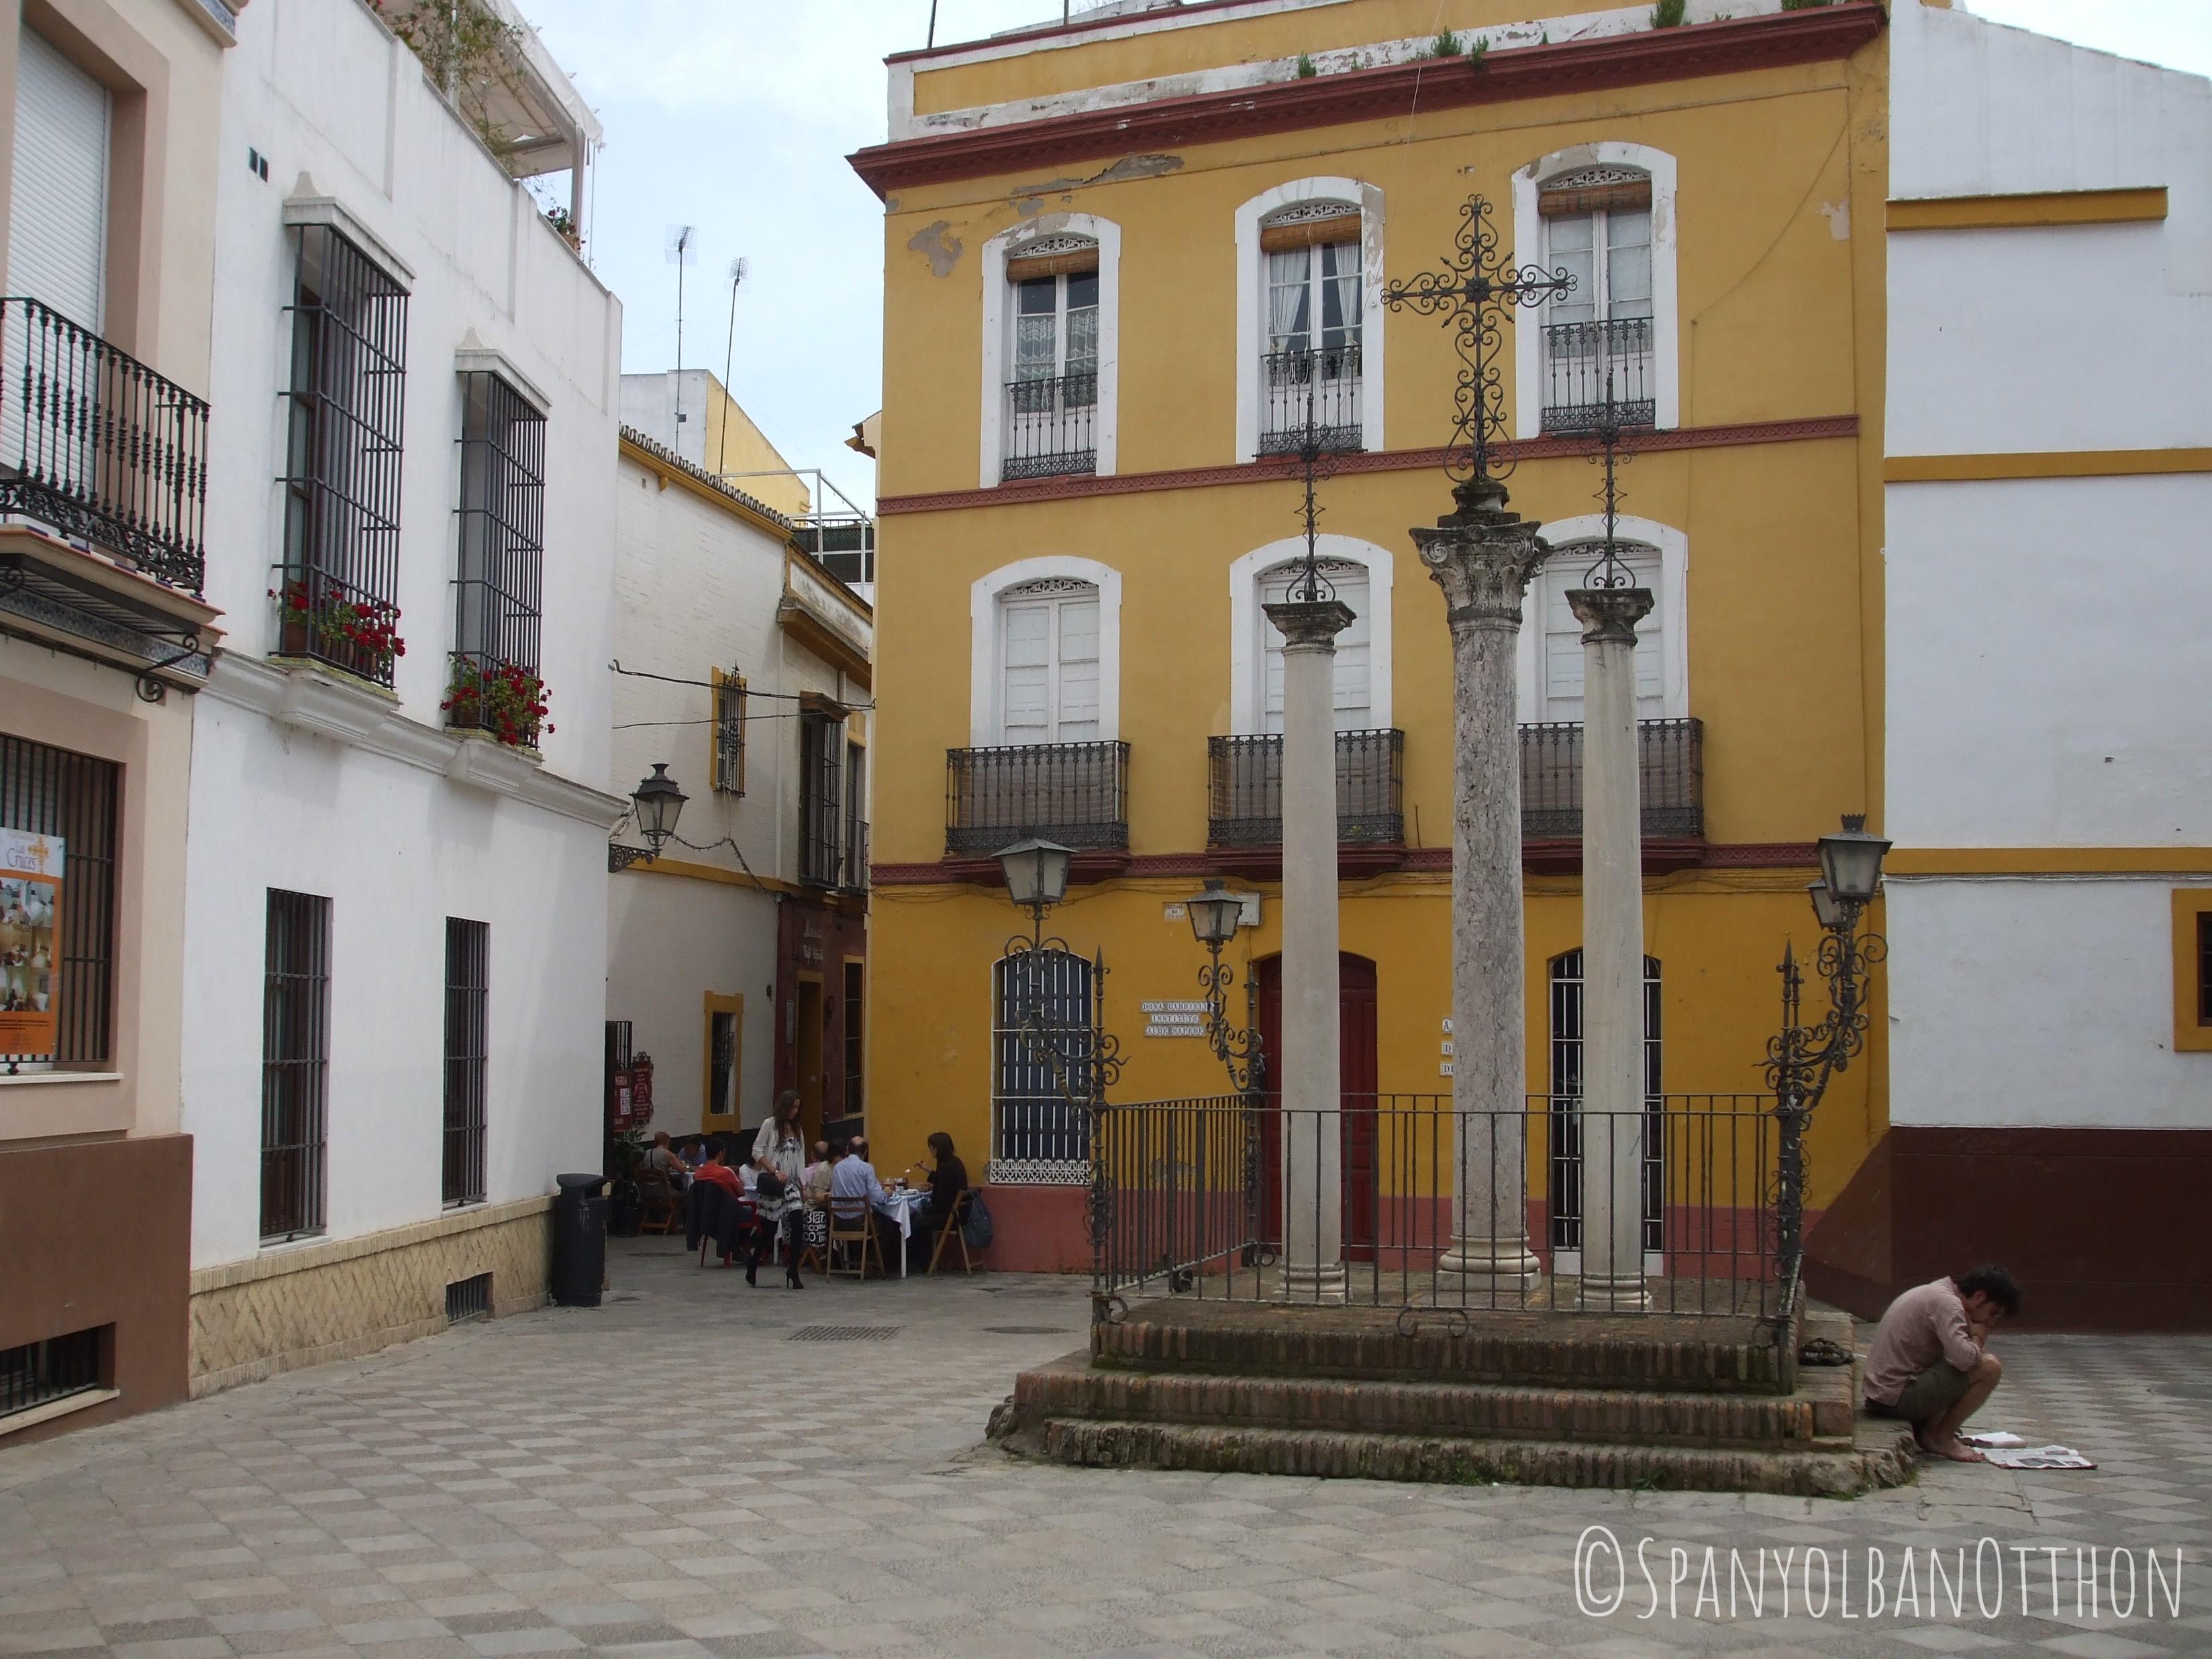 sevilla_latnivalok_spanyolban_otthon_1.jpg